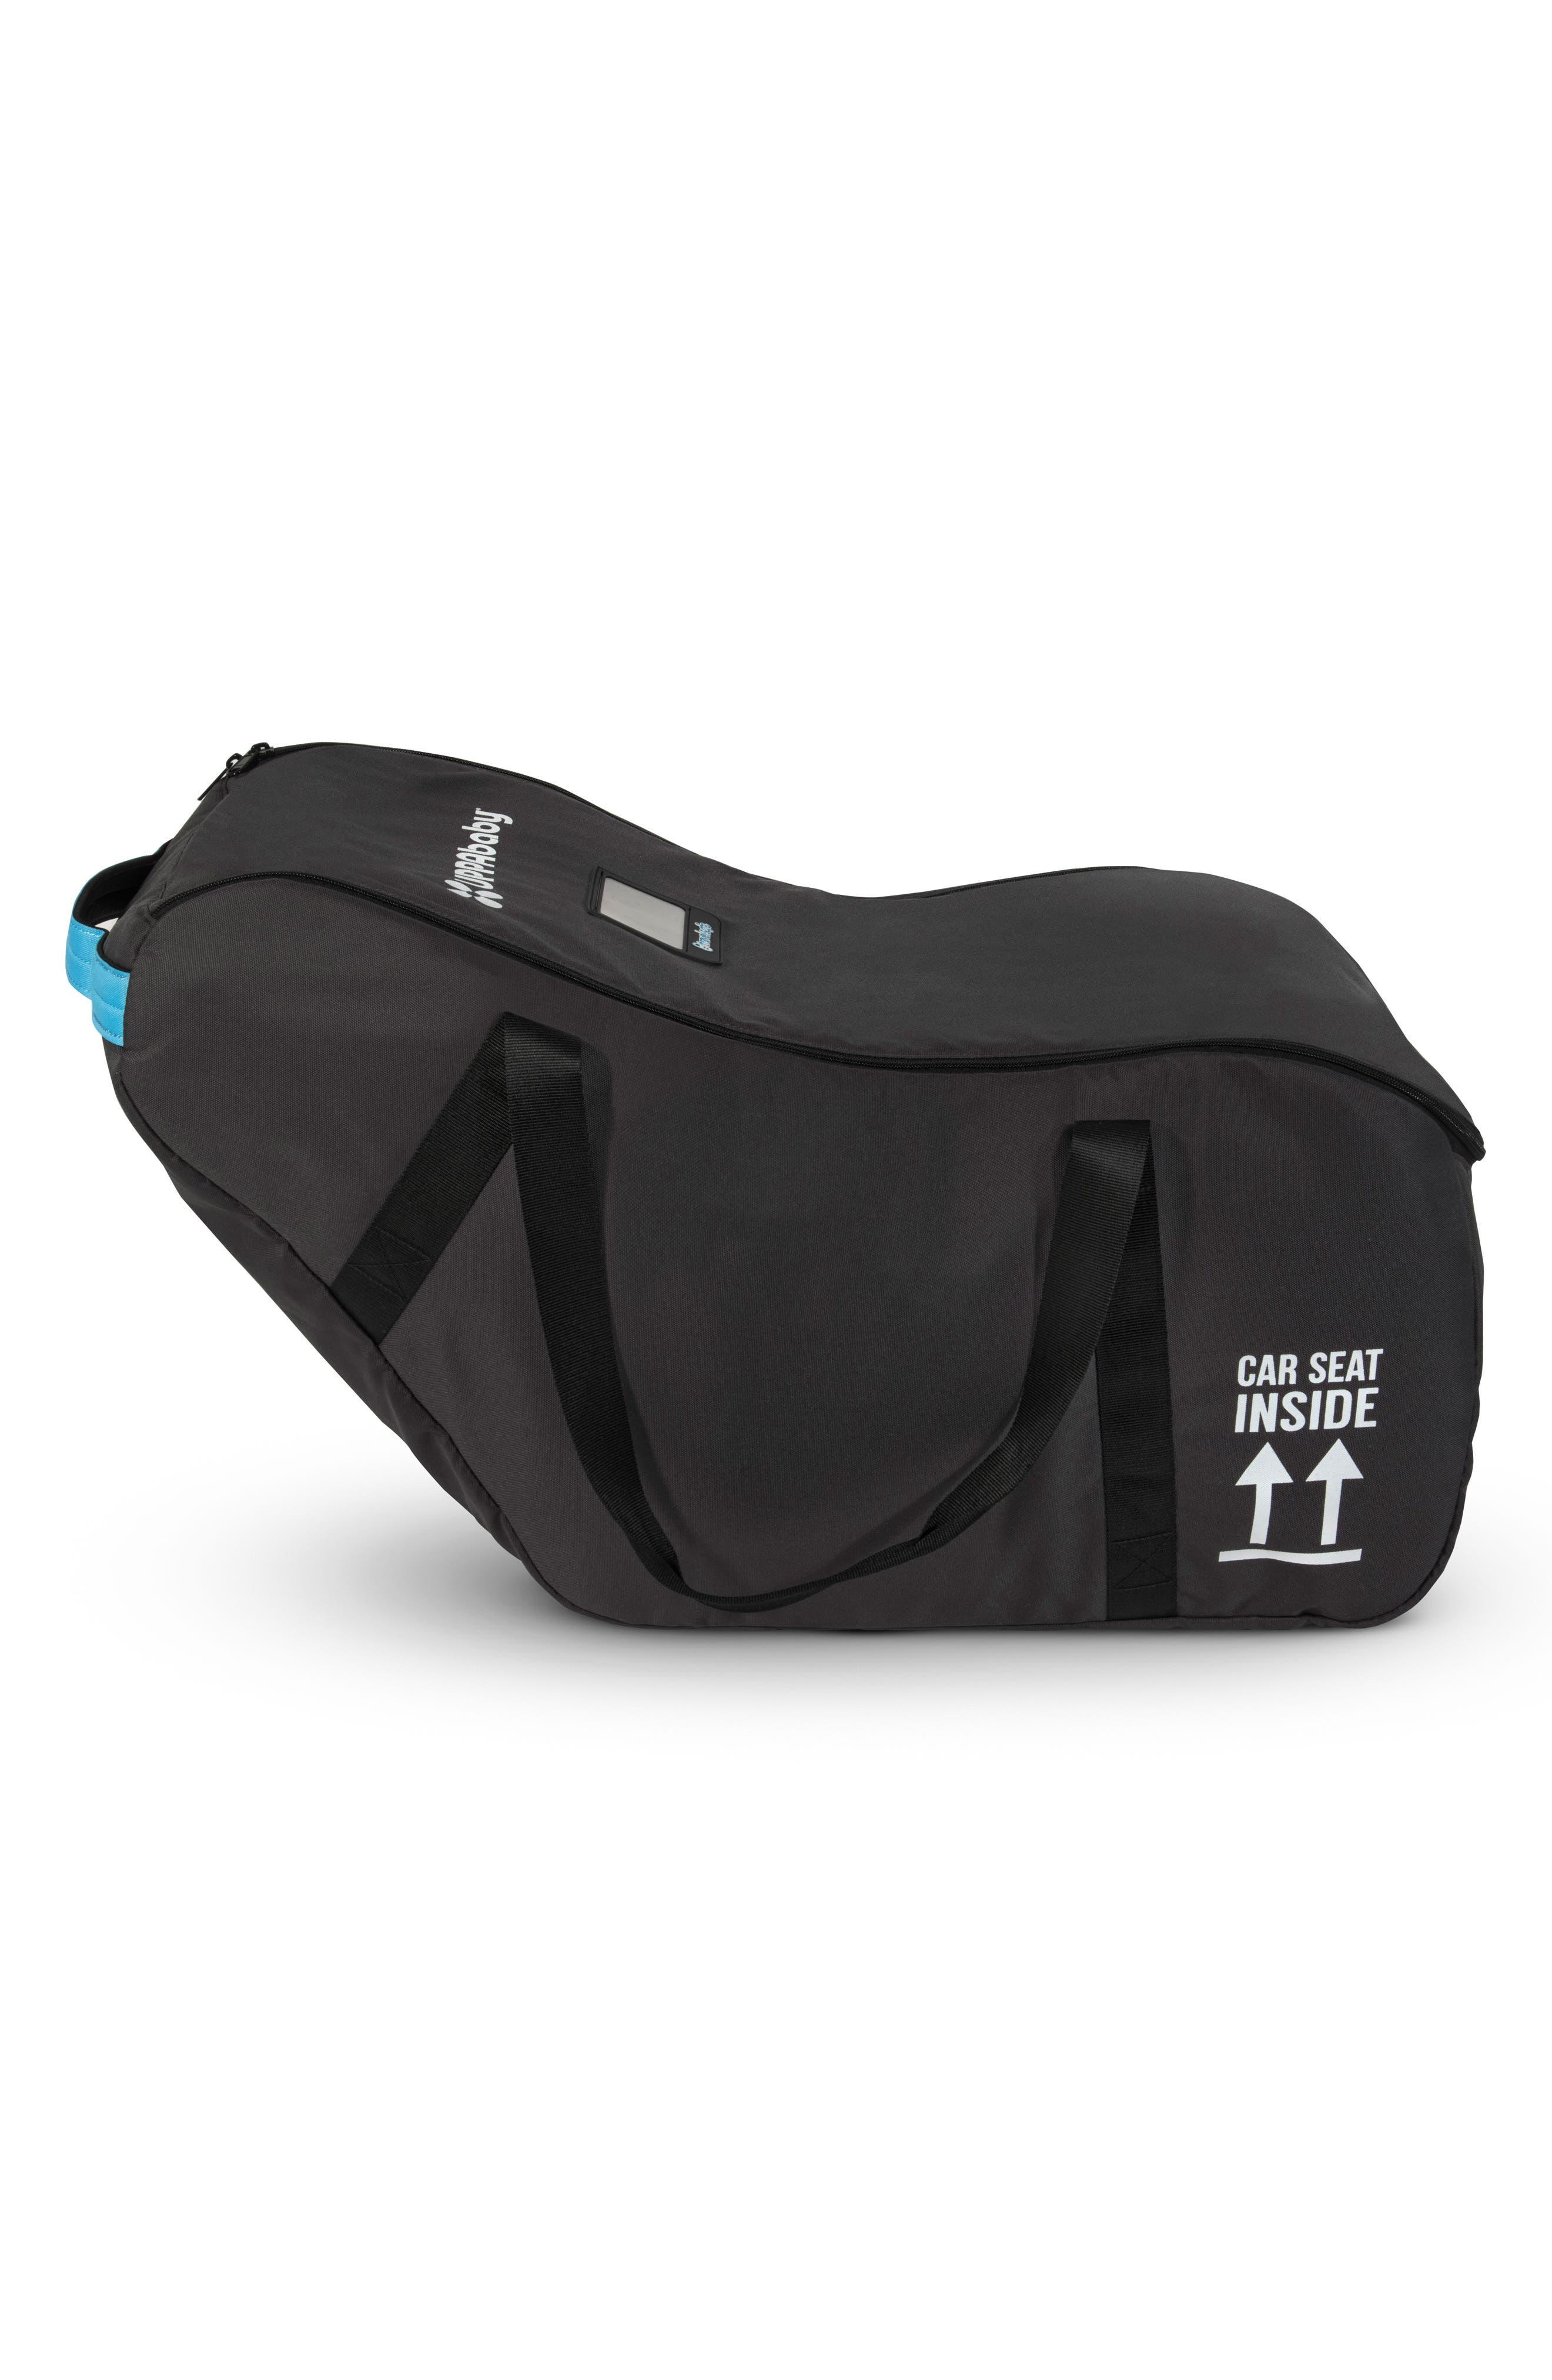 UPPAbaby MESA® Travel Bag